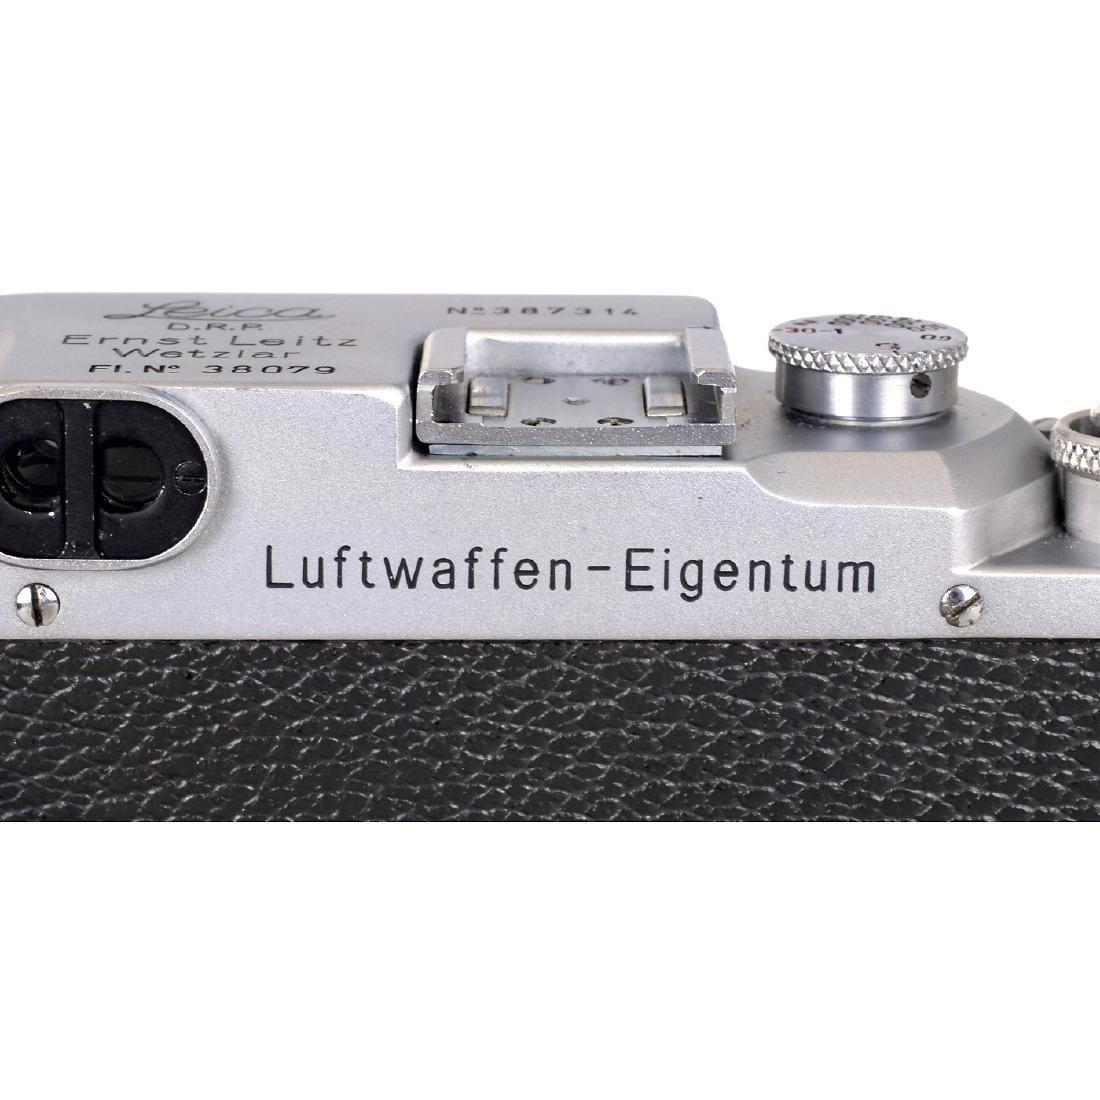 """Leica IIIc """"Luftwaffen-Eigentum"""", 1.6.1942 - 4"""